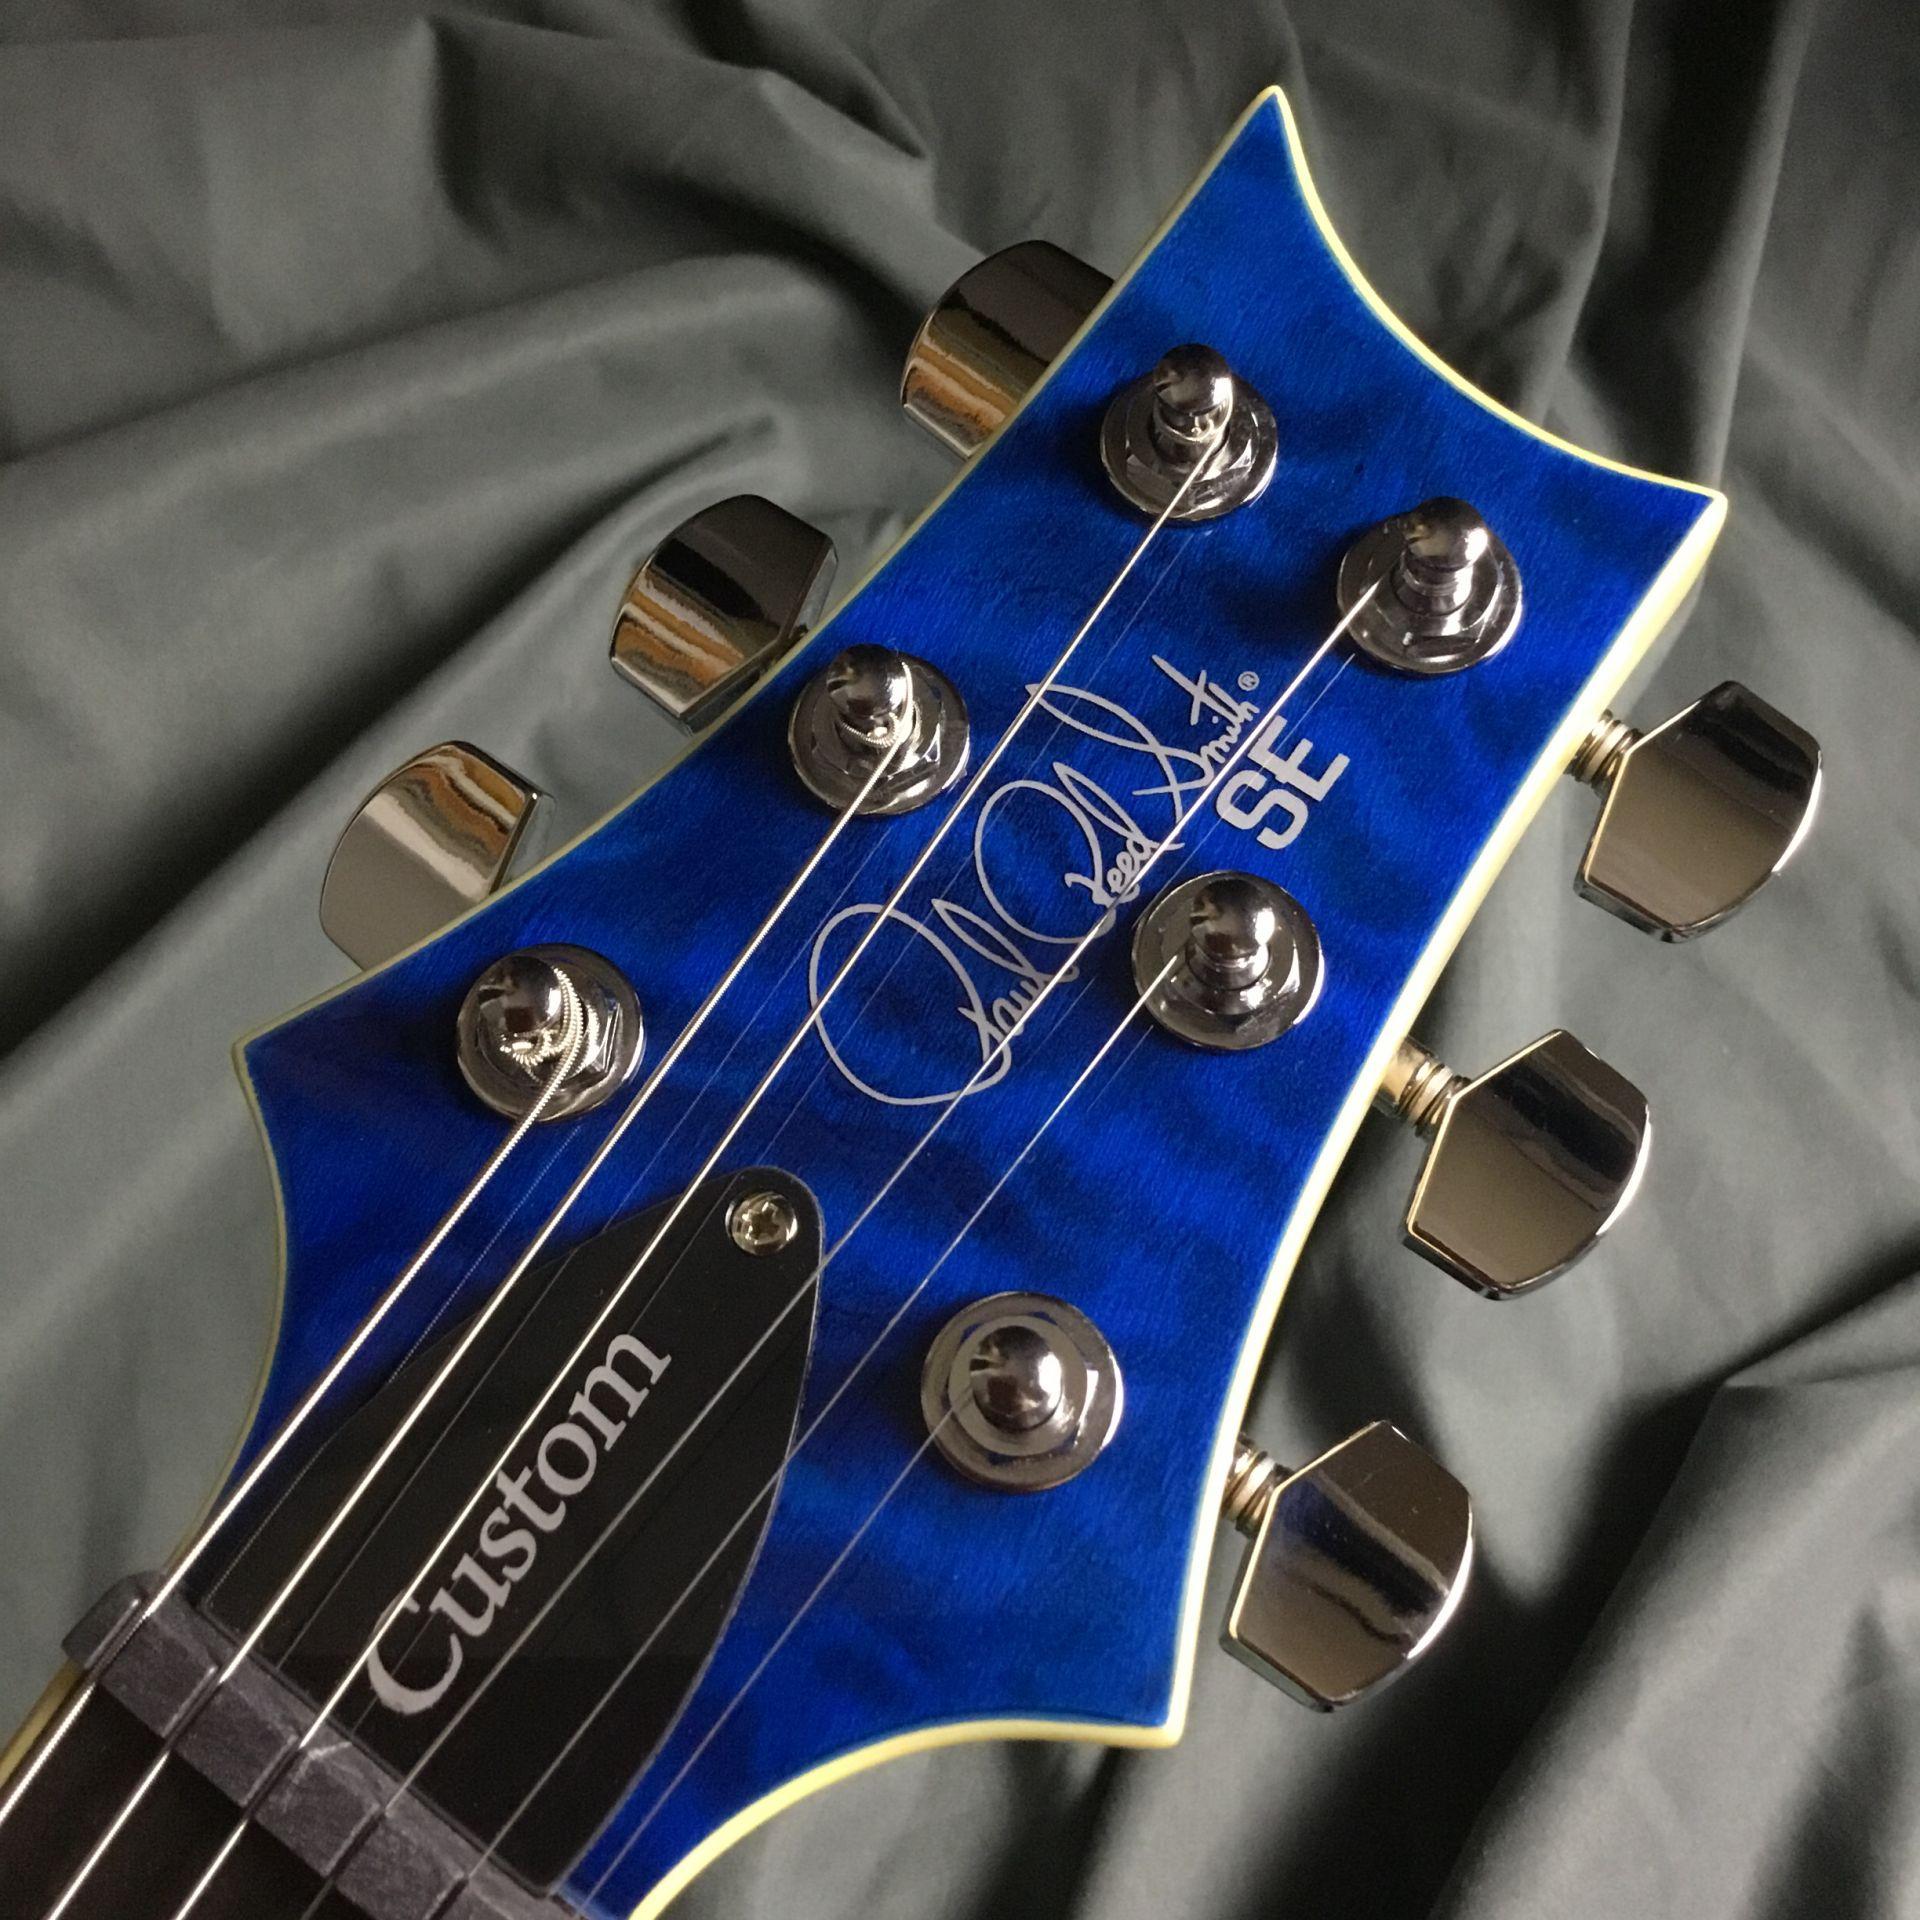 SE CUSTOM 24 QM LTD  Blue Matteo 島村楽器オリジナルモデルのヘッド裏-アップ画像